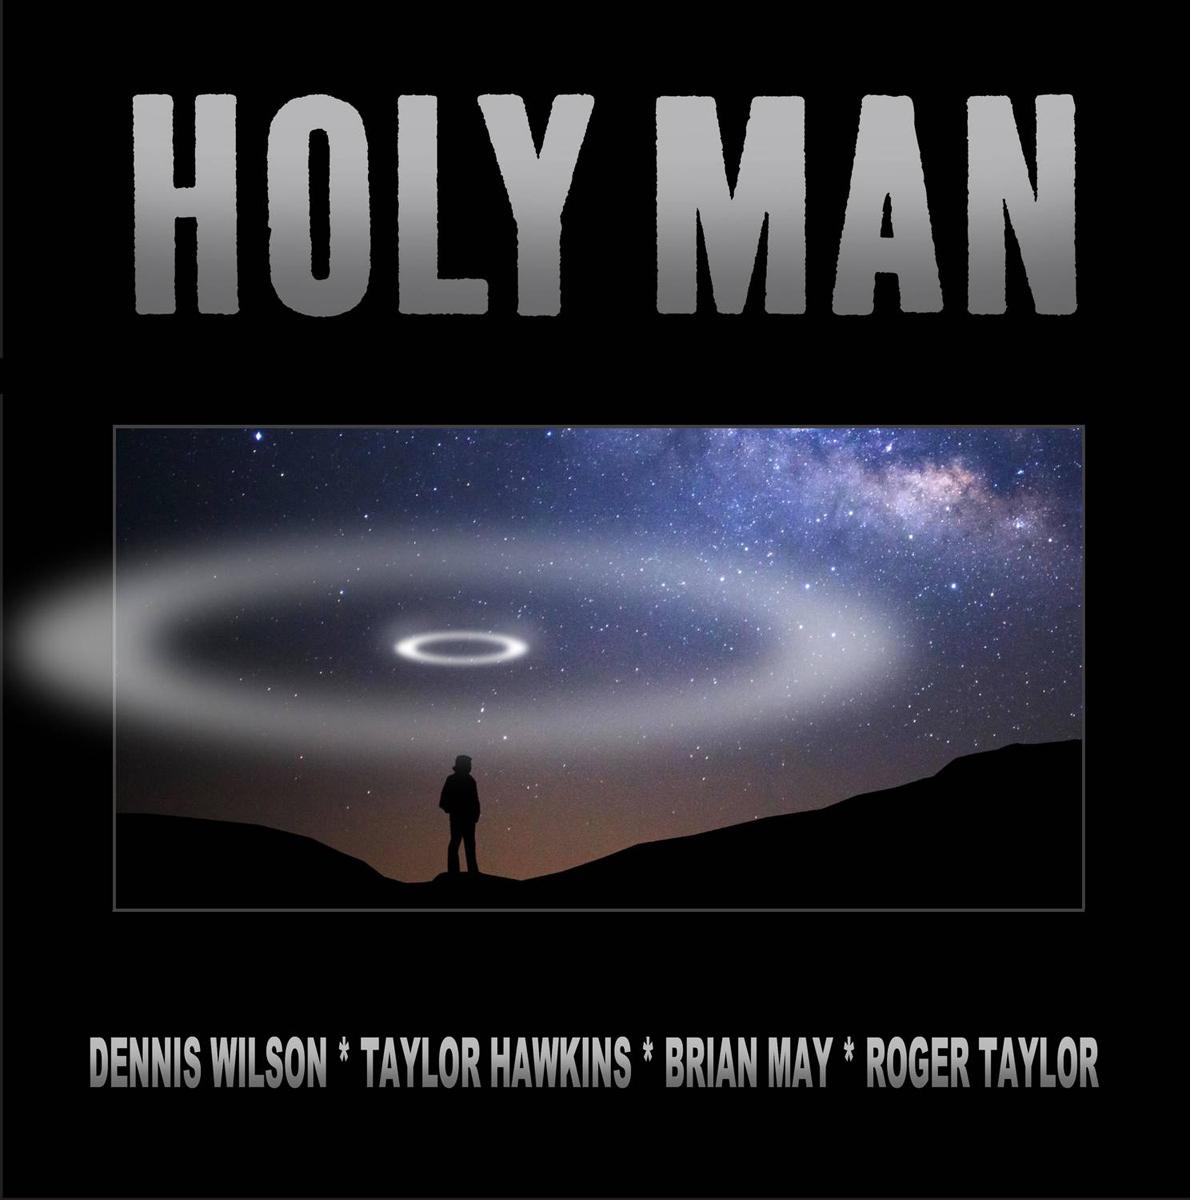 Дэнис Уилсон,Тэйлор Хоукинс,Брайан Мэй,Роджер Тейлор Dennis Wilson, Taylor Hawkins, Brian May, Roger Taylor. Holy Man (LP)